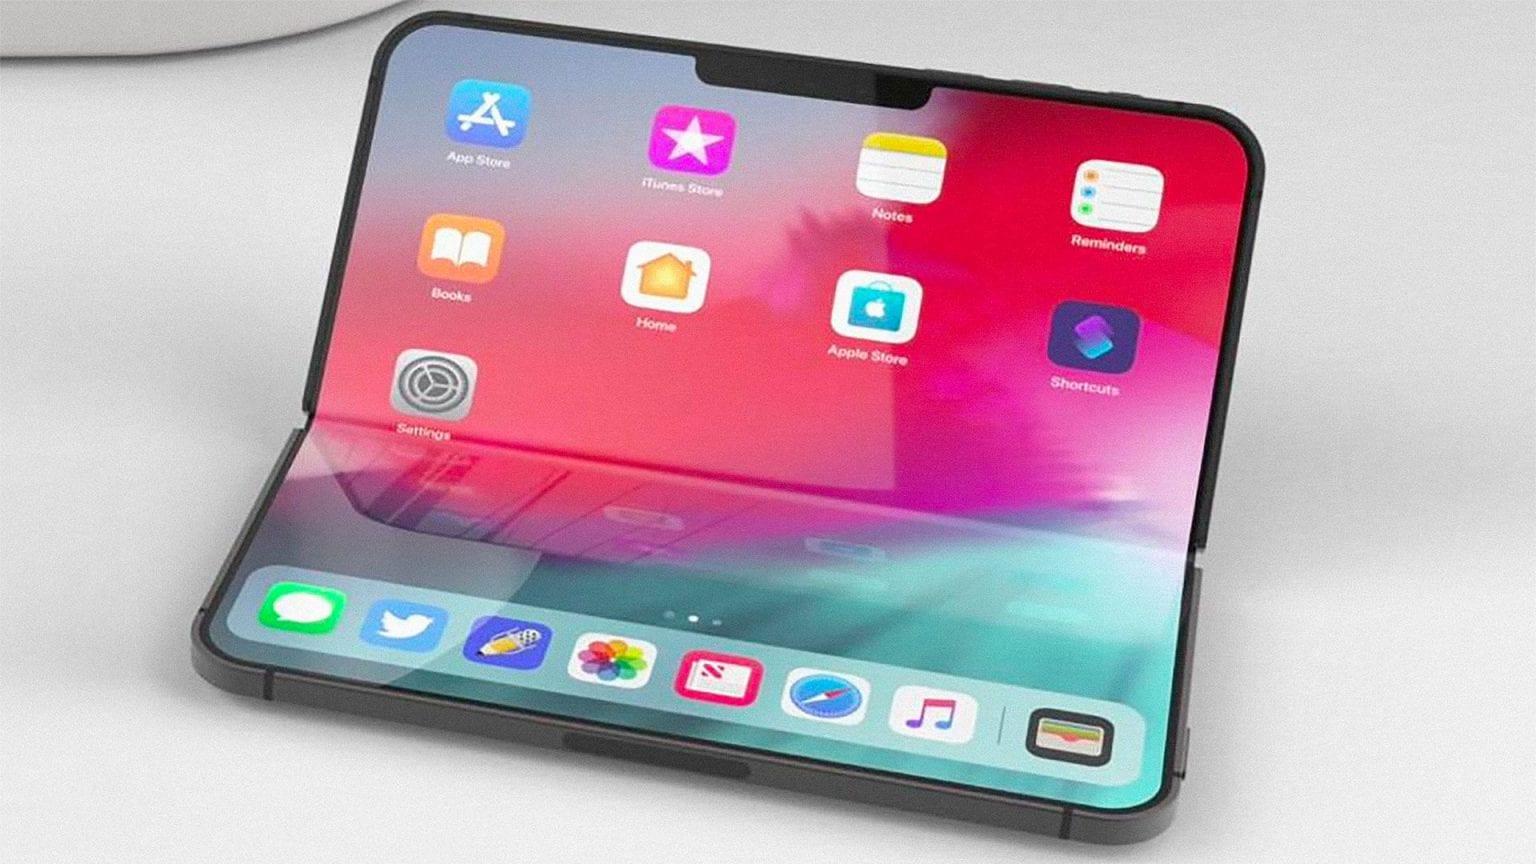 اپل روی صفحه نمایش های تاشو و تاچ آیدی زیر آن کار میکند